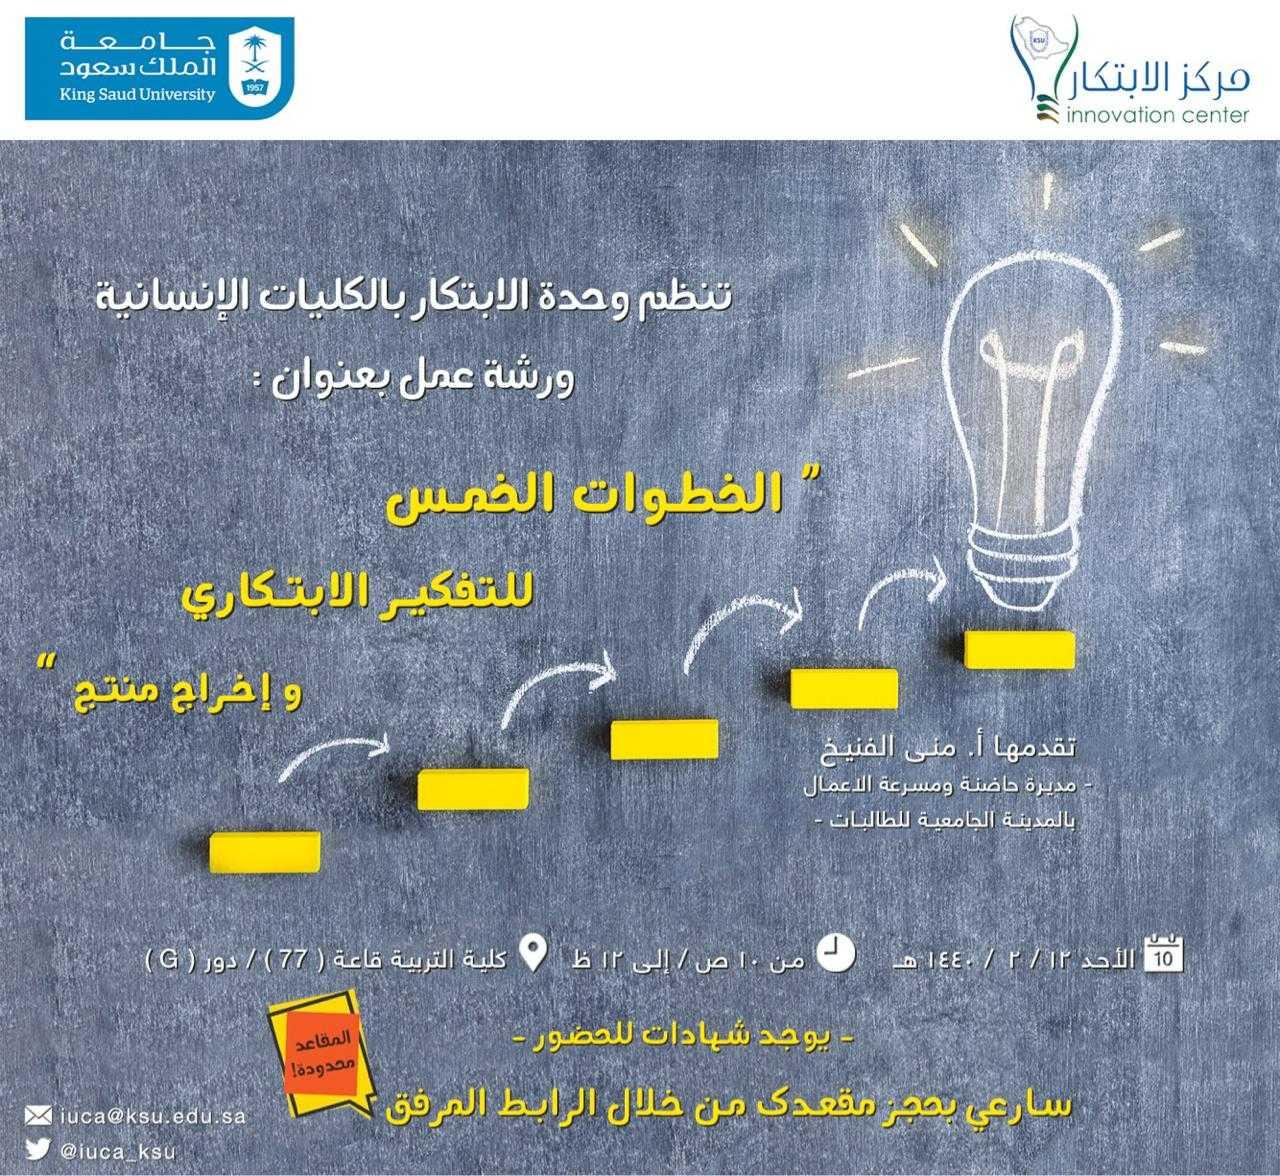 الخطوات الخمس للتفكير الابتكاري